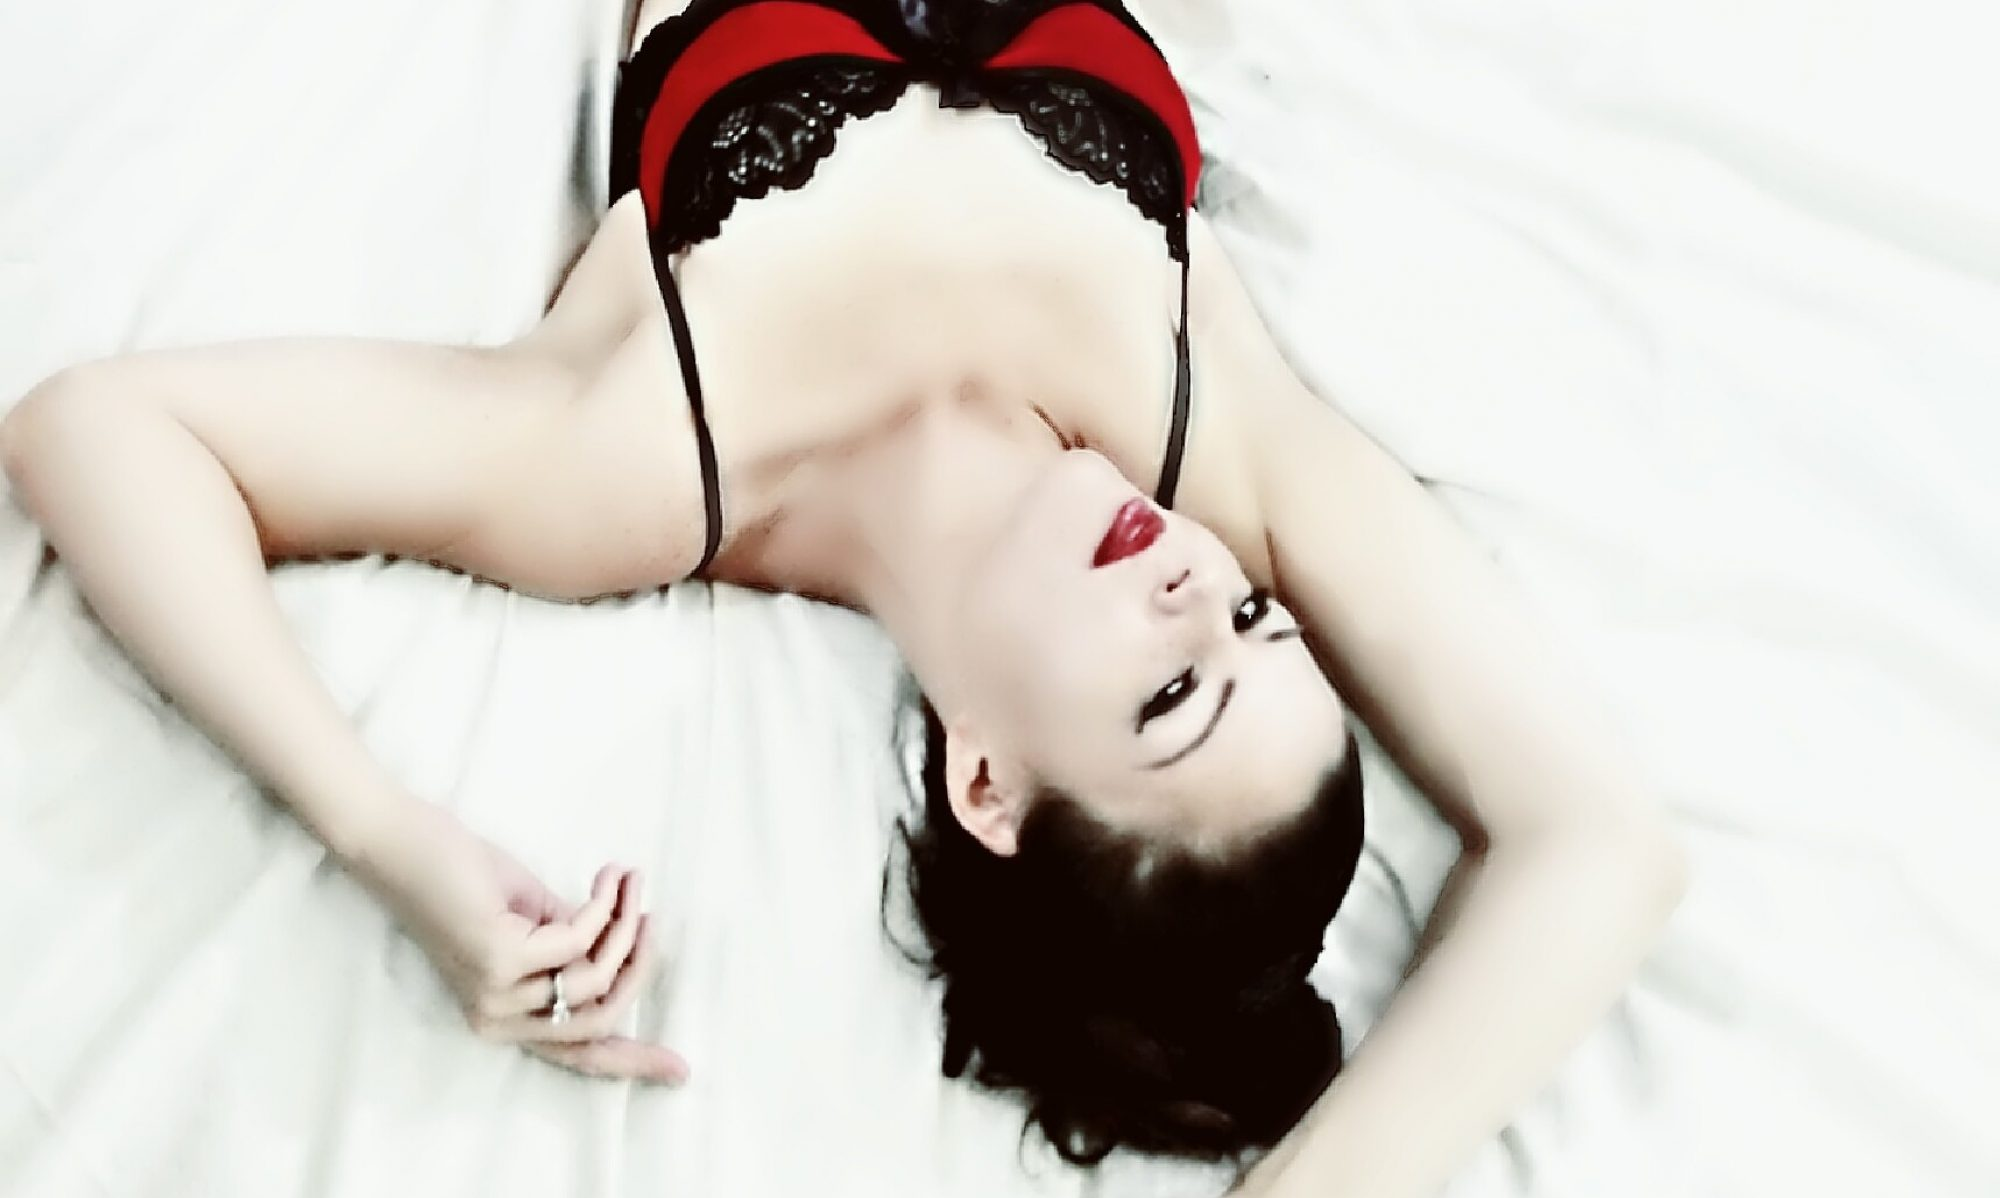 Mistress Kat